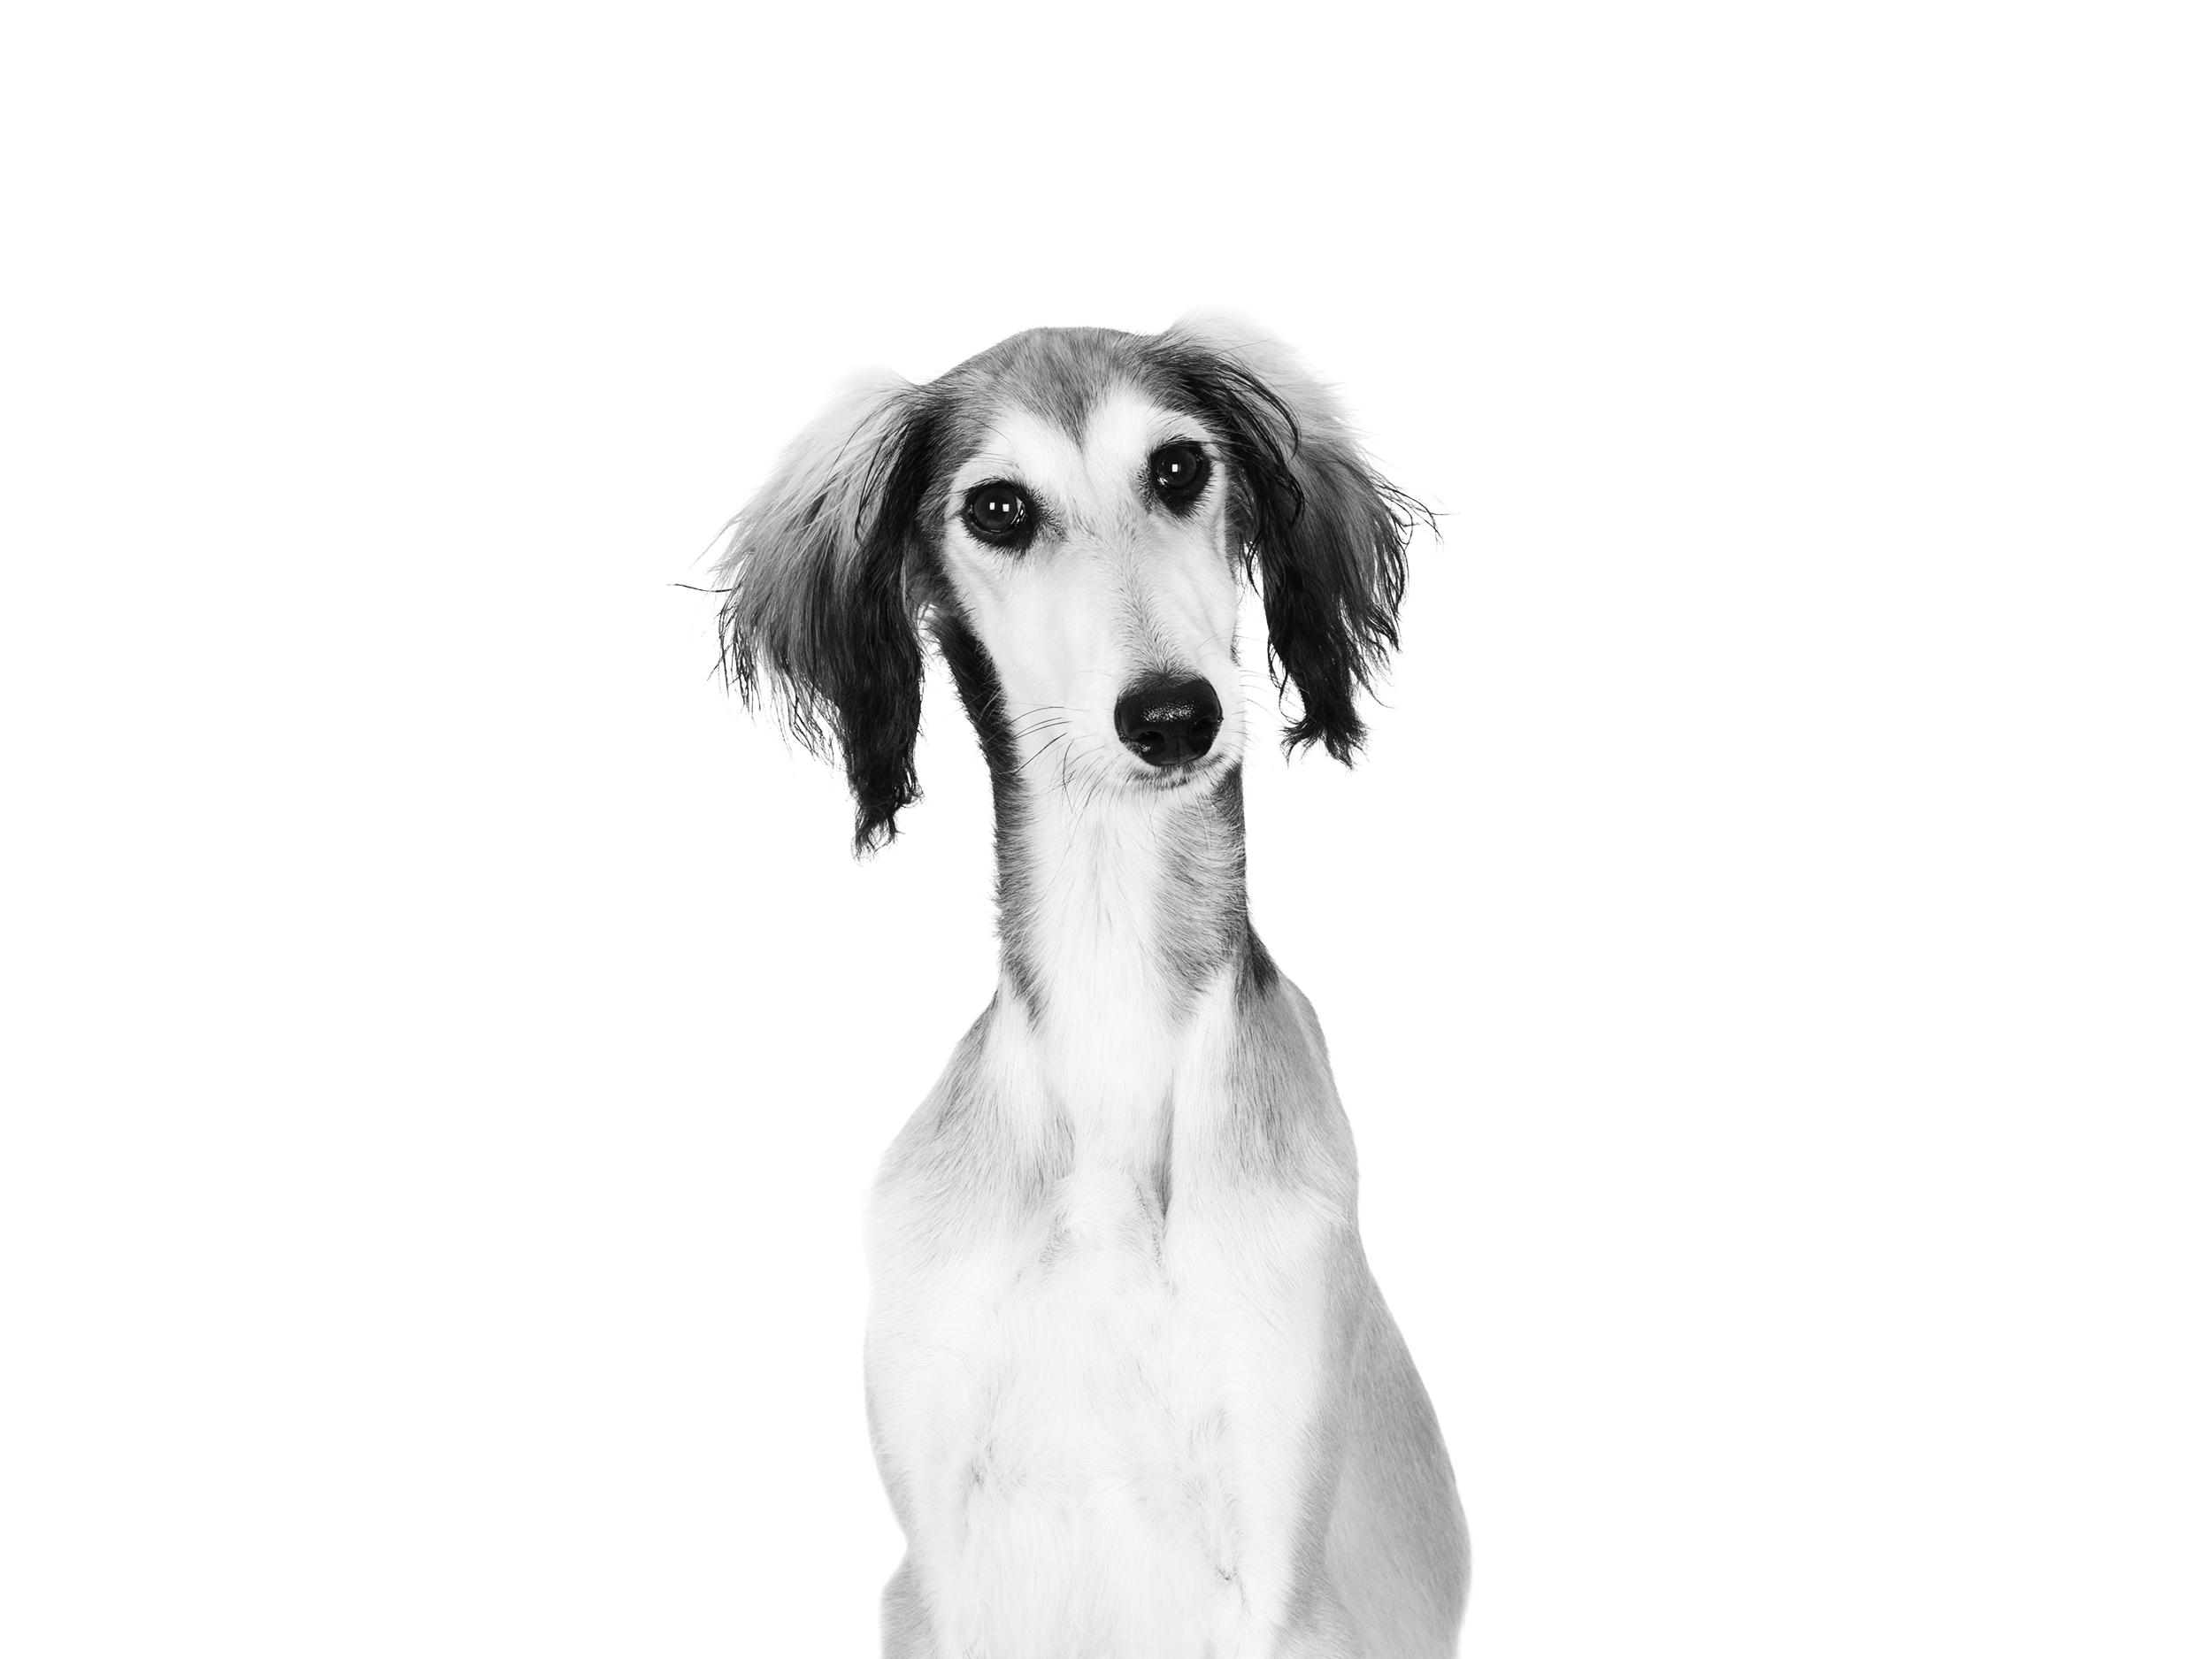 Saluki - Royal Canin